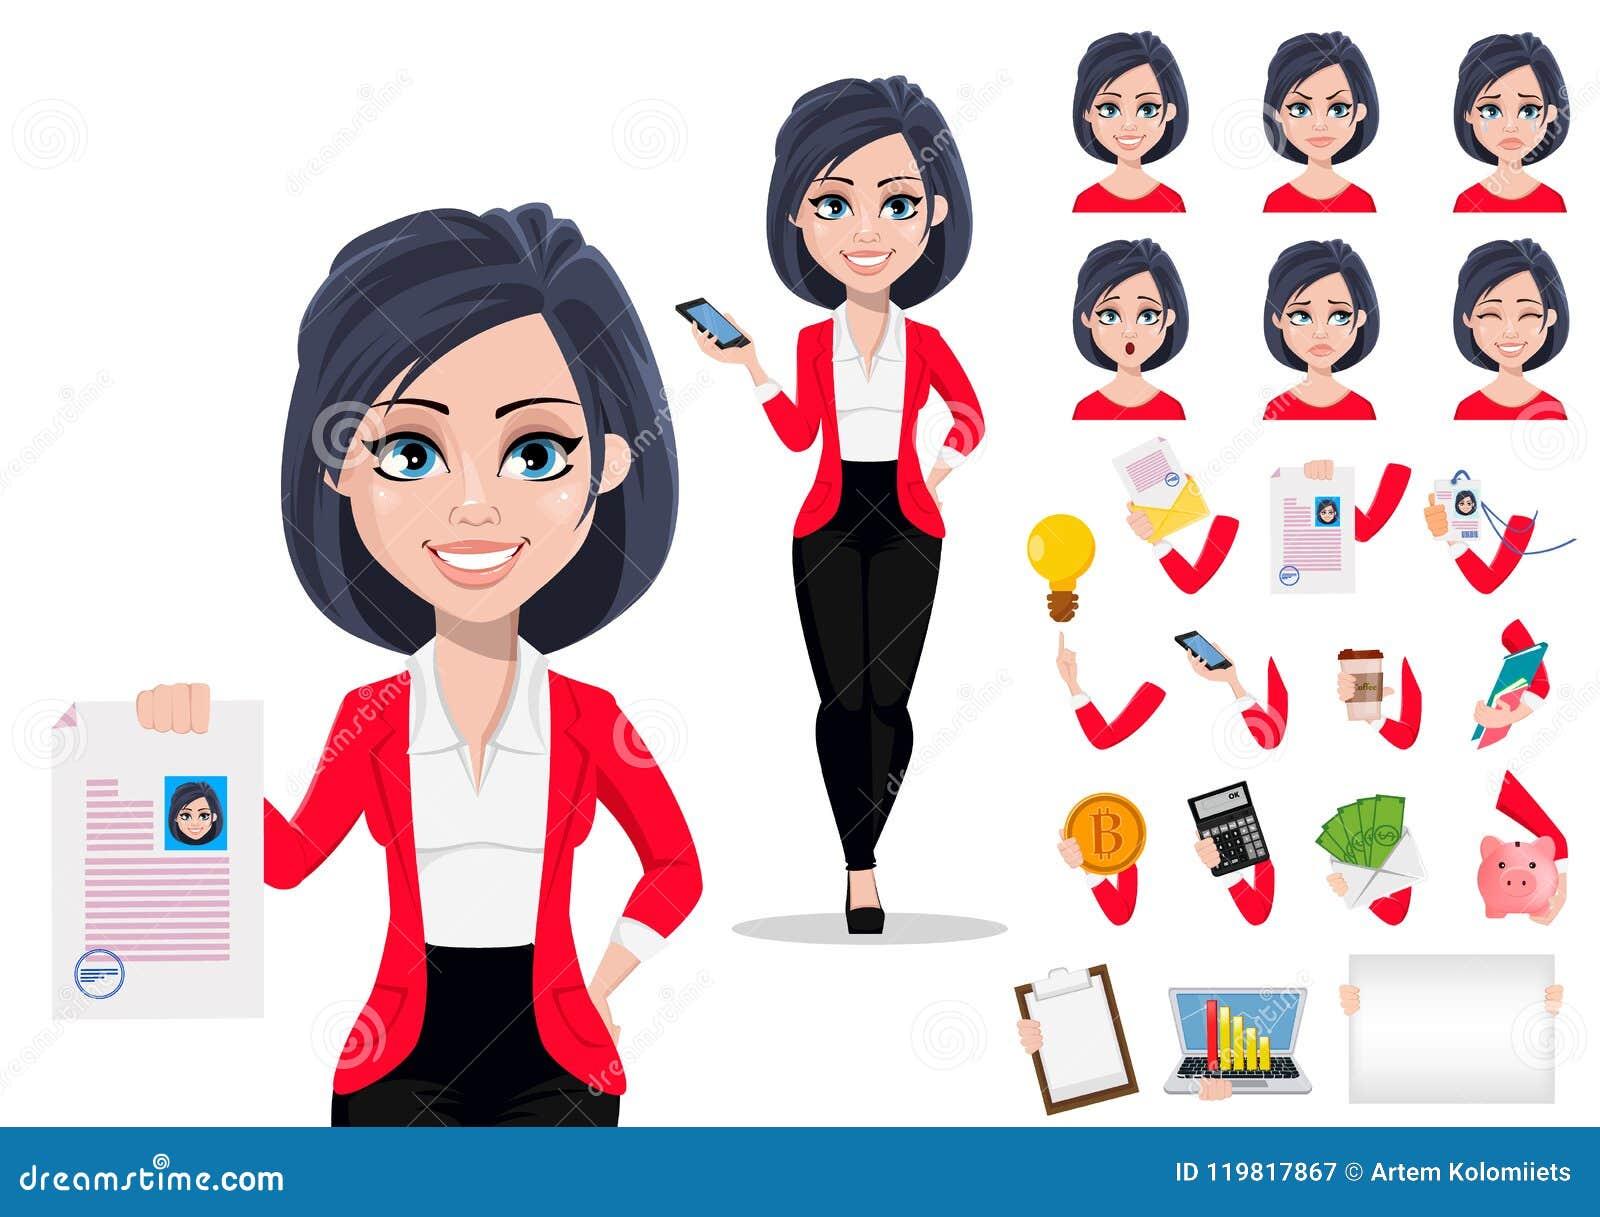 Banquero femenino hermoso en traje de negocios Paquete de partes del cuerpo, de emociones y de cosas